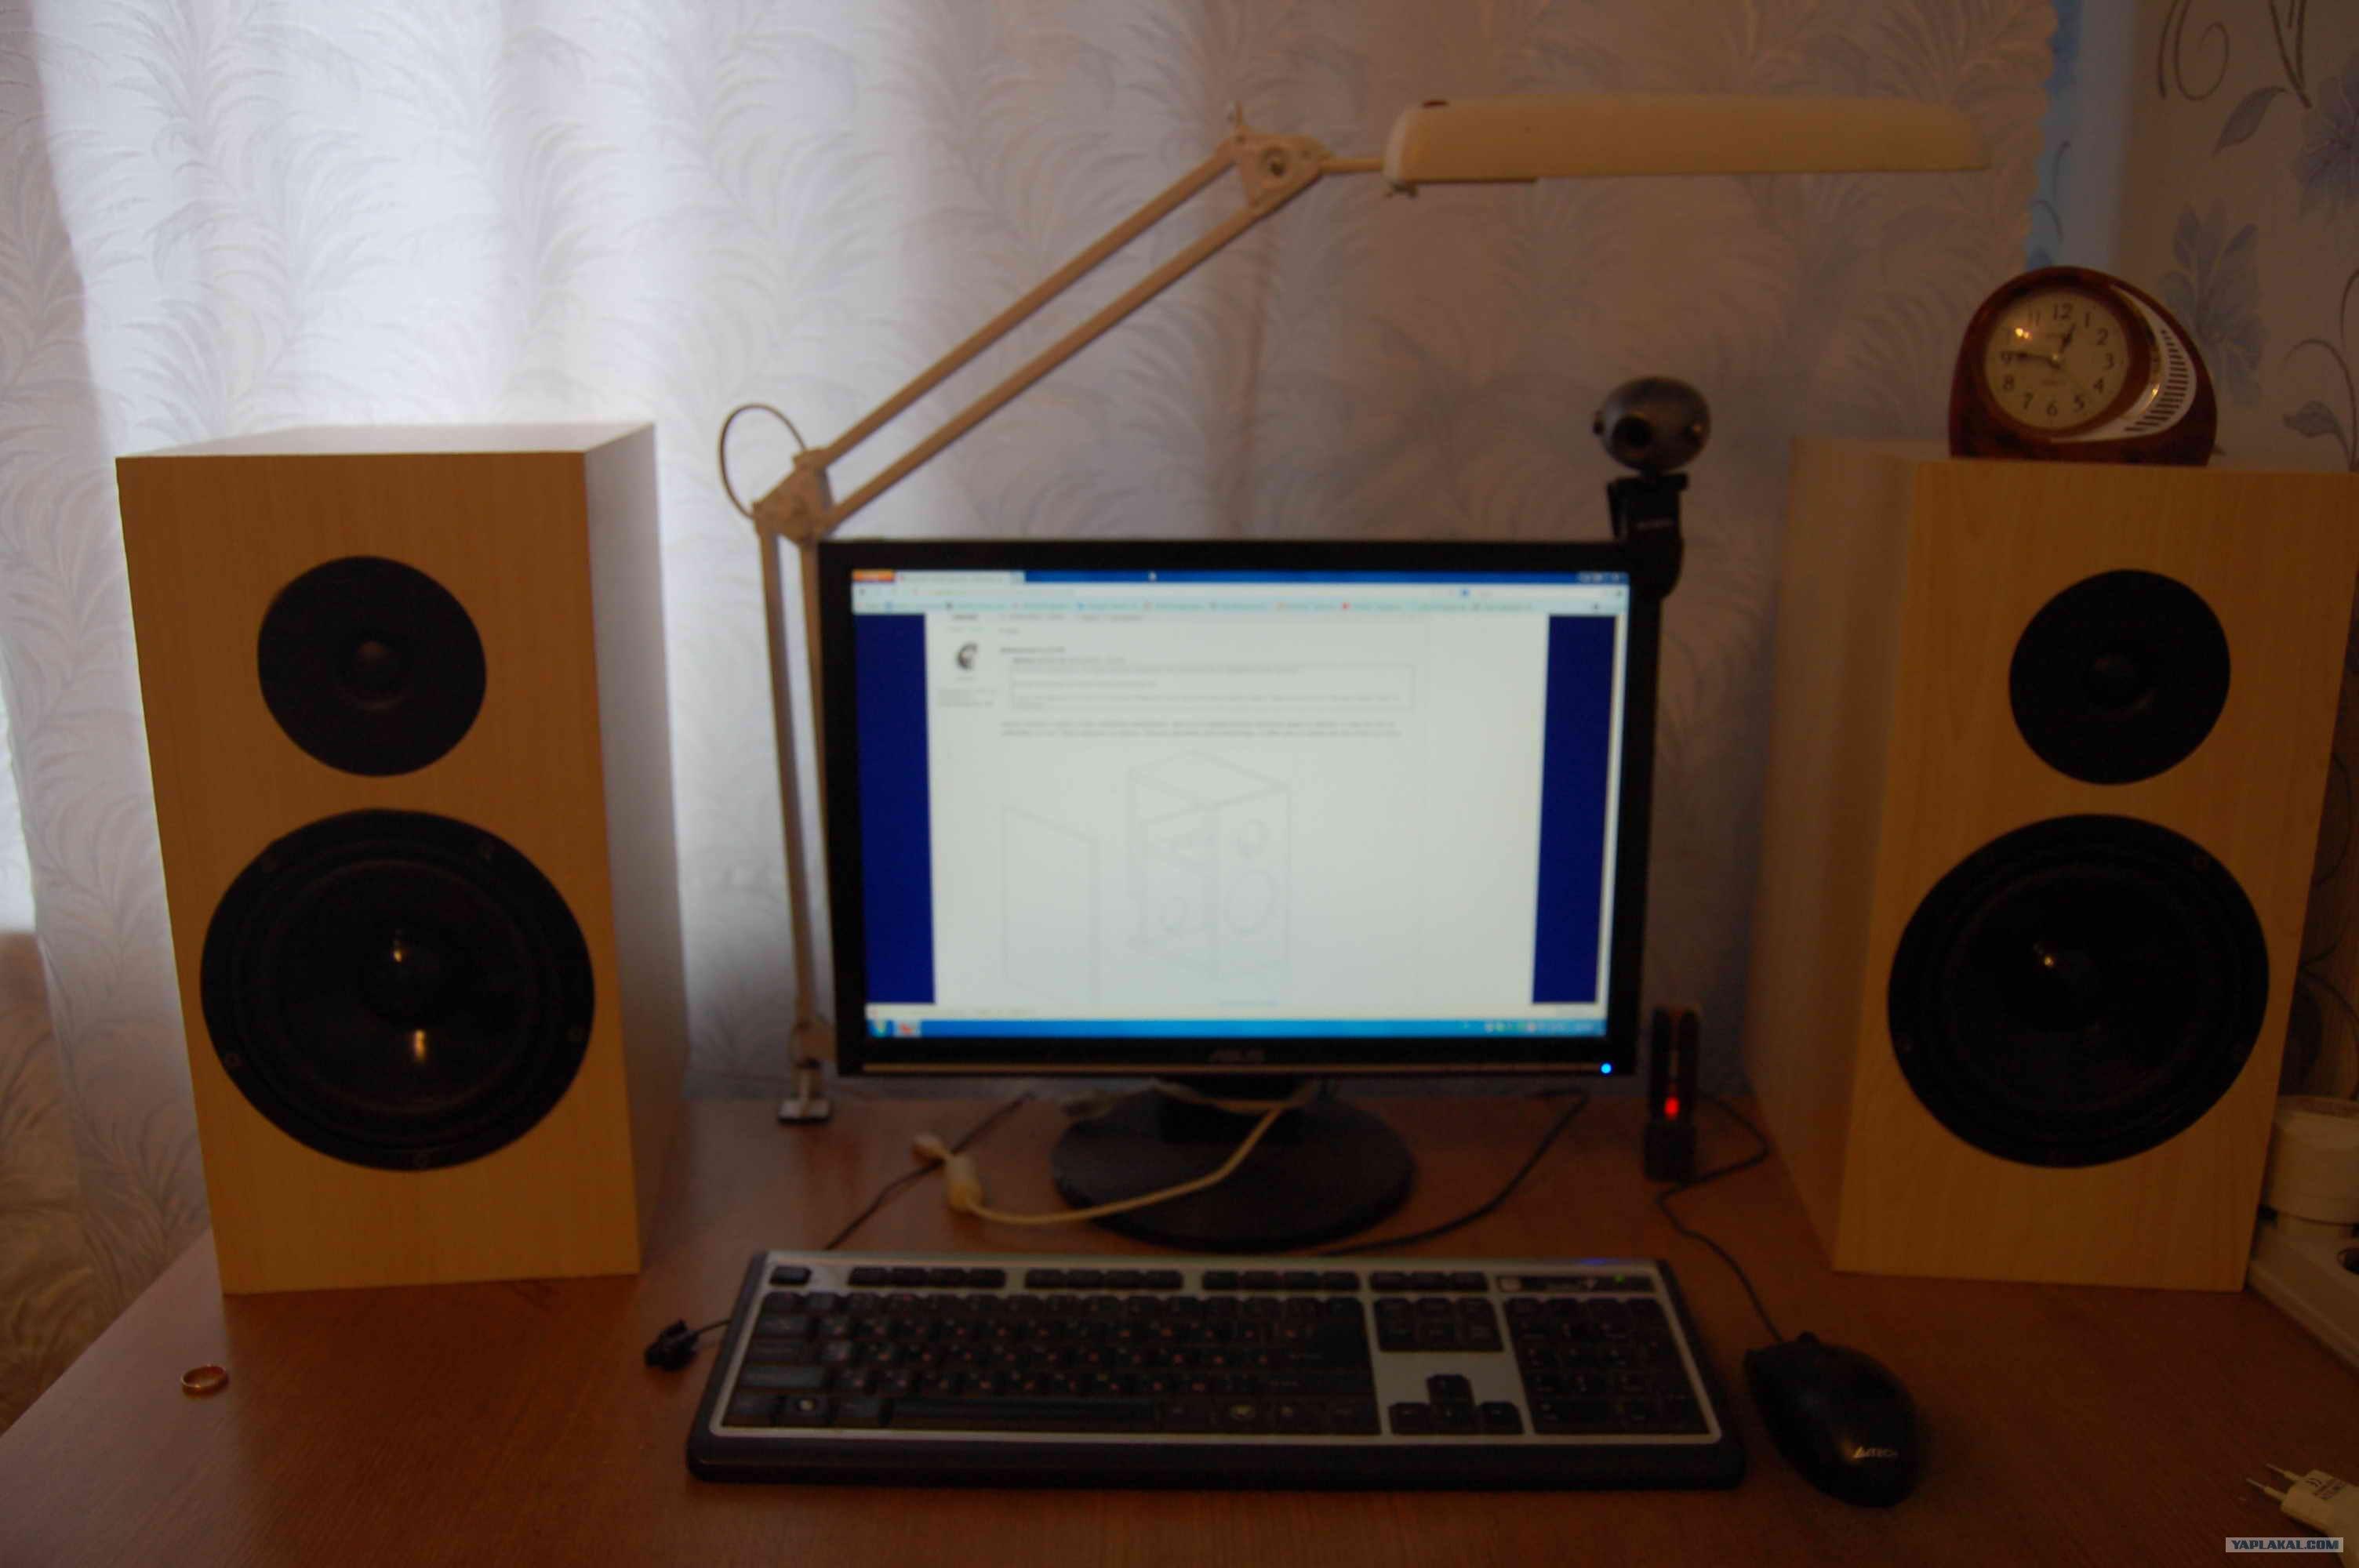 Подставки к компьютеру своими руками фото 1